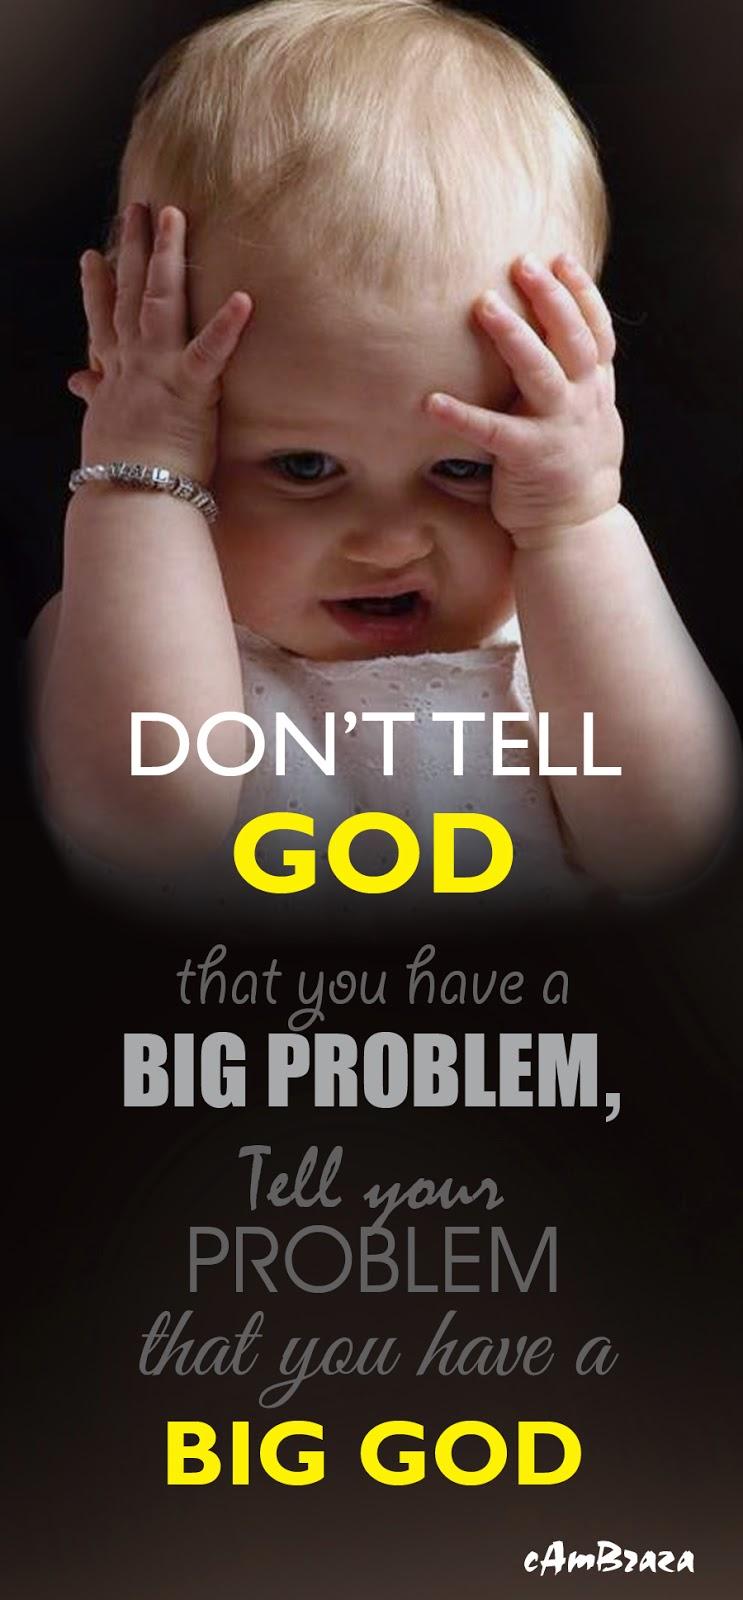 Don't+tell+God.jpg